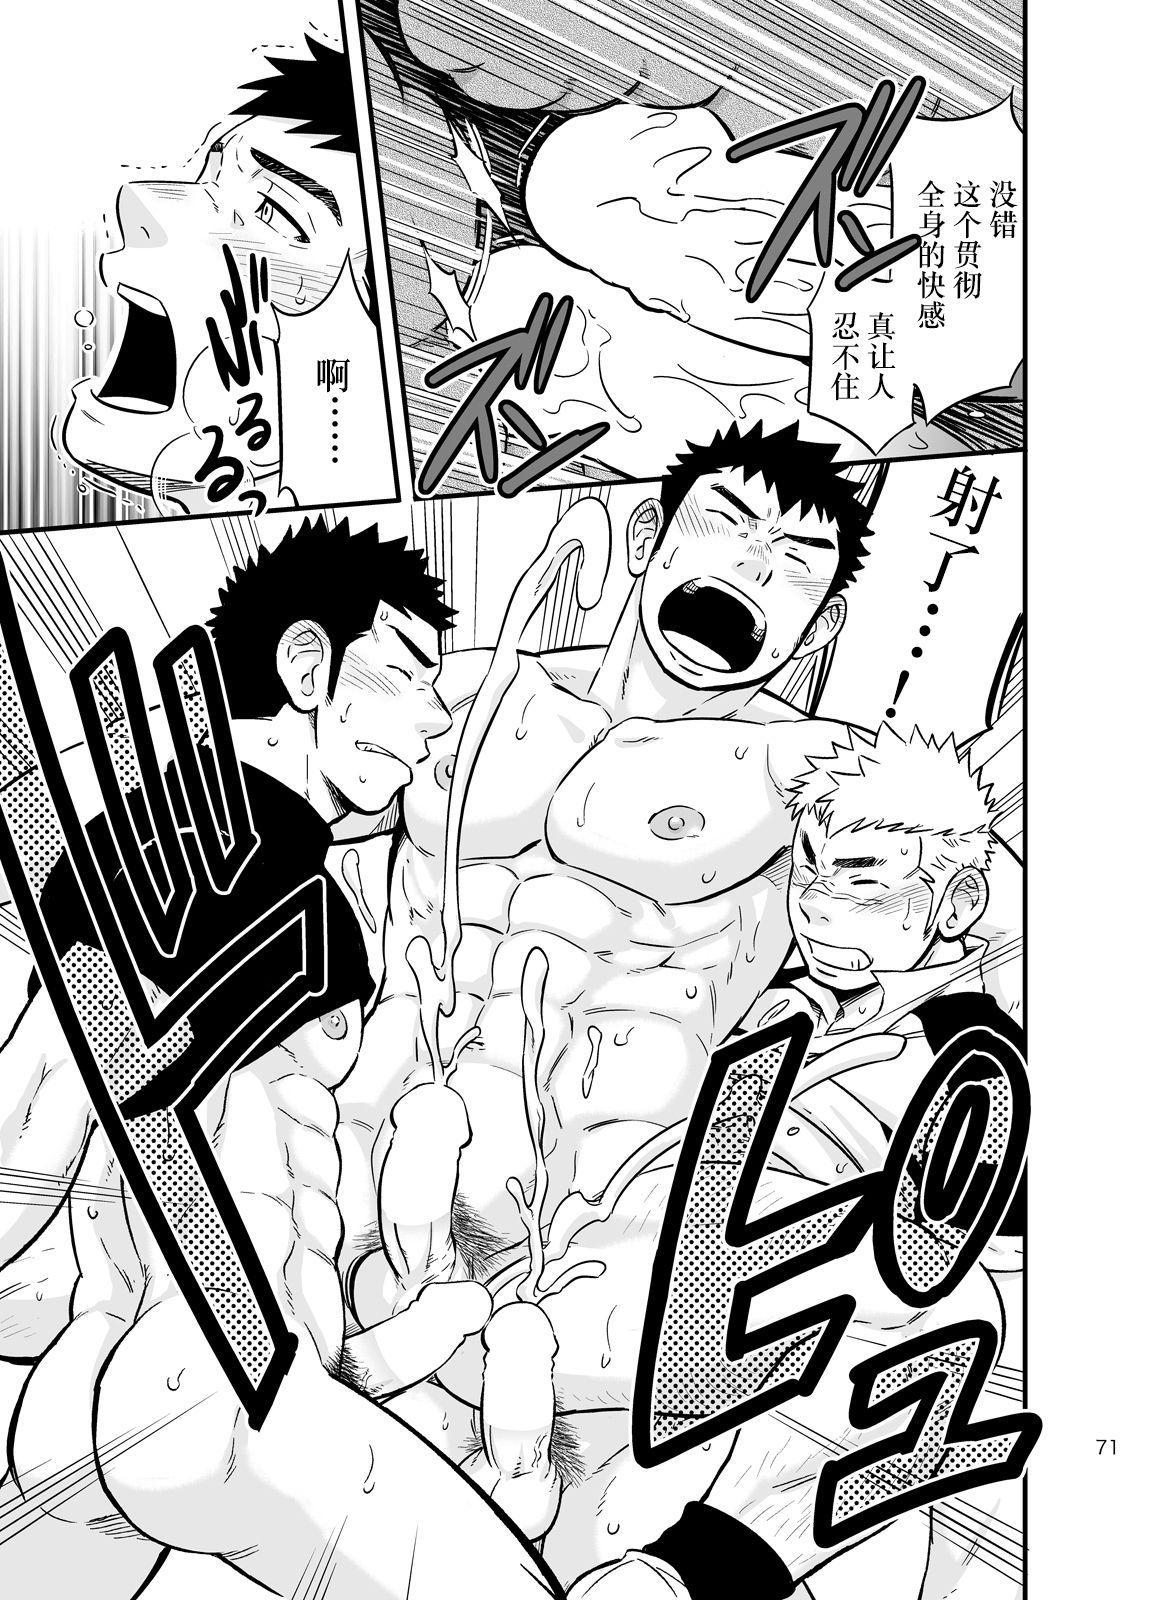 Moshimo Danshikou no Hoken Taiiku ga Jitsugi Ari Dattara 2 | 如果男校的保健体育课有实践环节的话 2 69